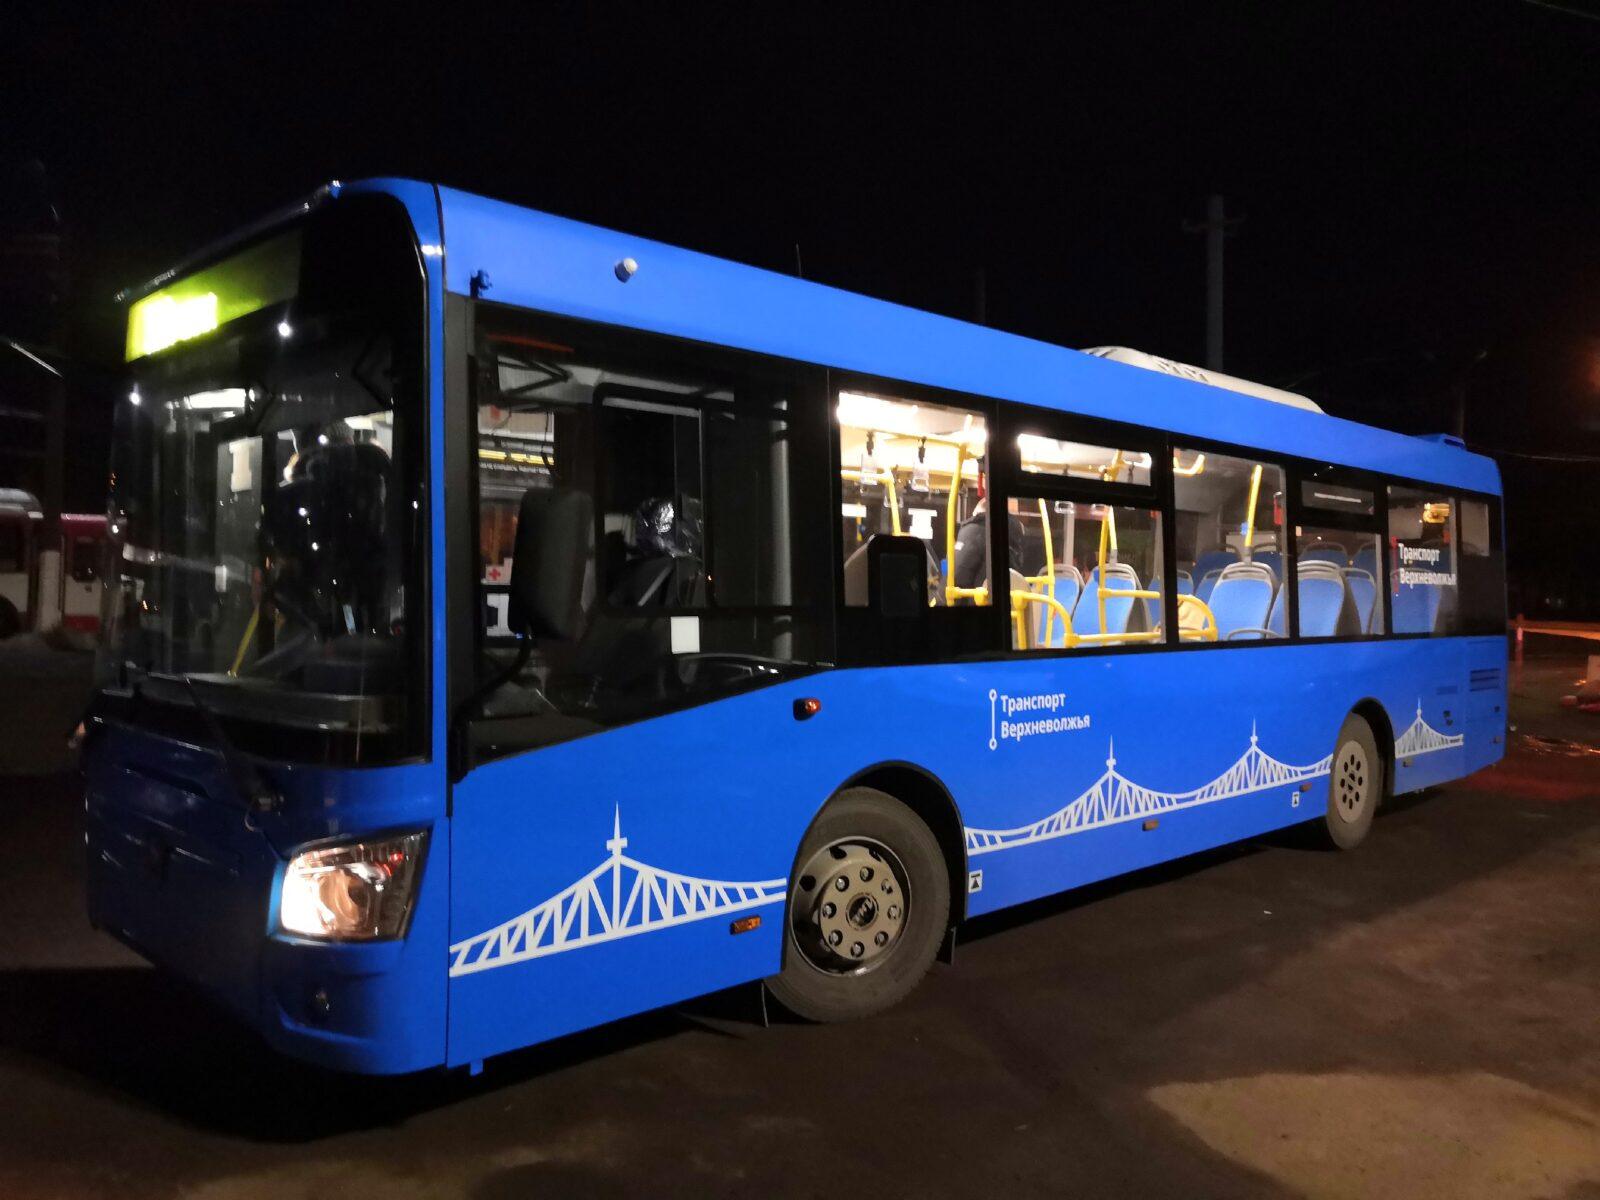 Цена автобусного билета в Тверской области будет начинаться с 21 рубля